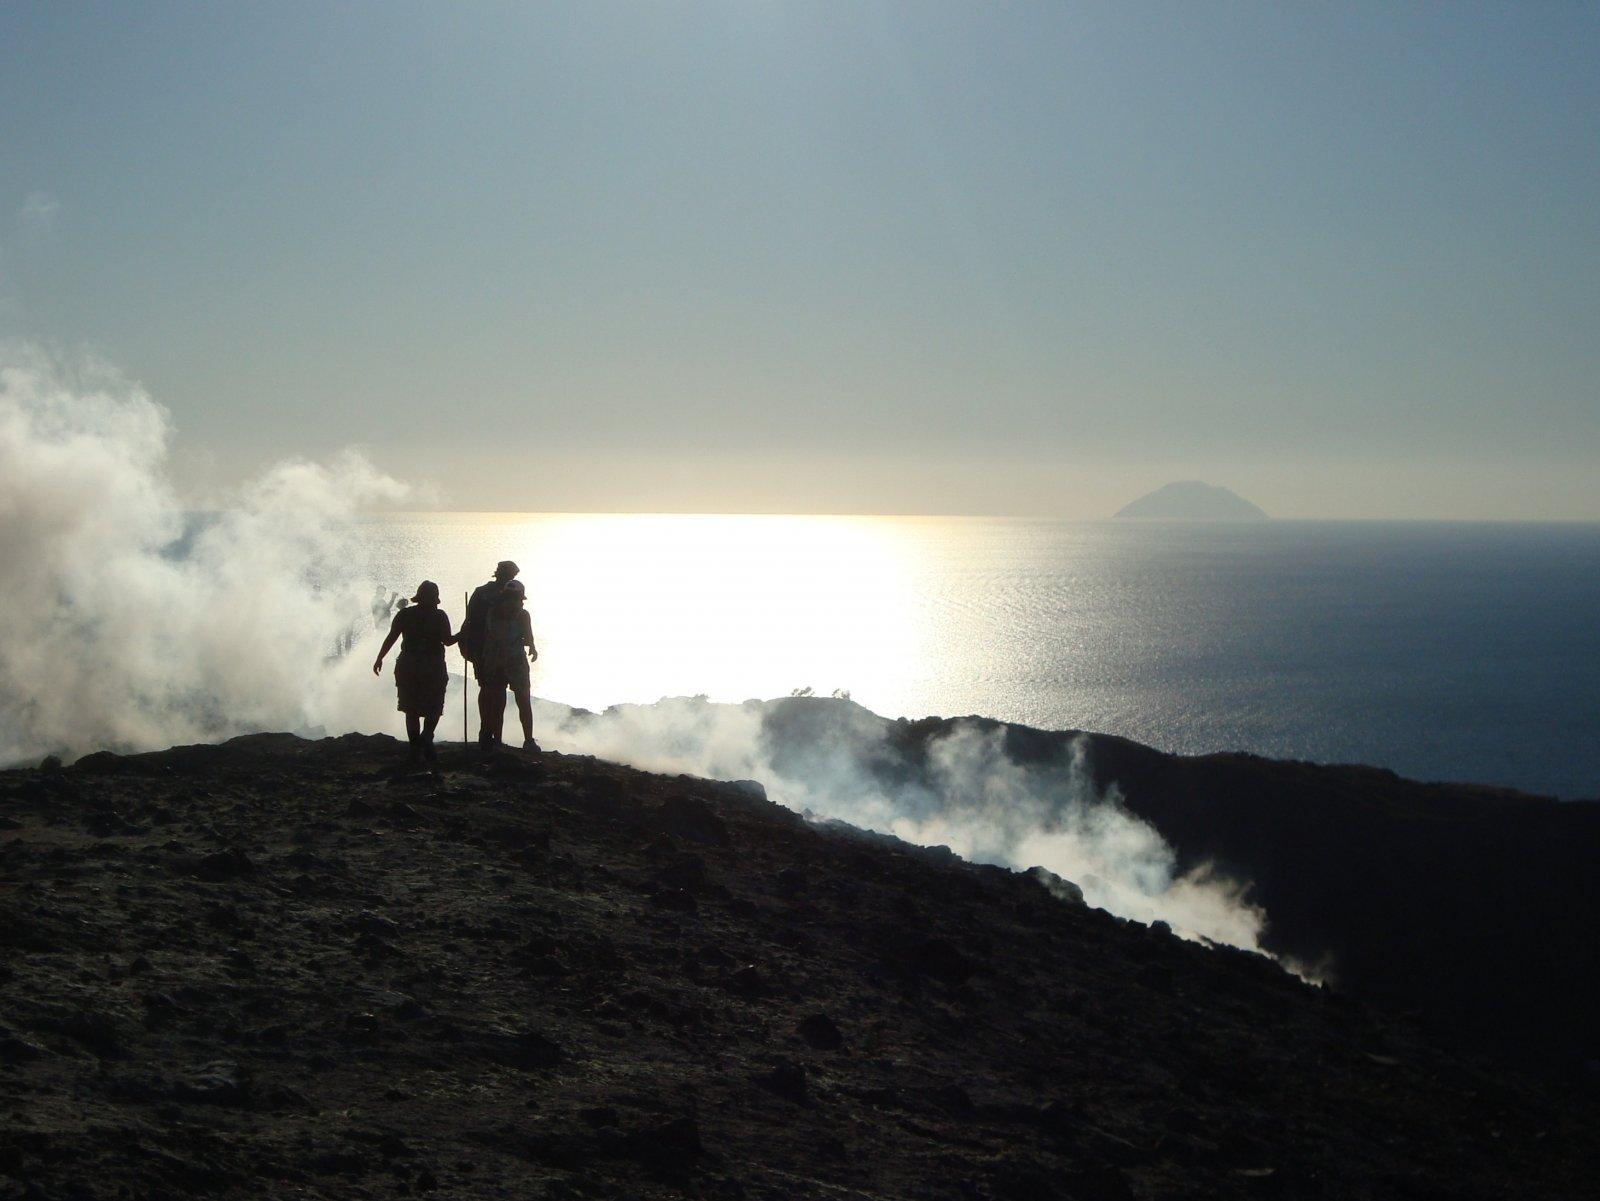 Cràter del volcà de l'illa de Vulcano (Illes Eòlies, Itàlia)